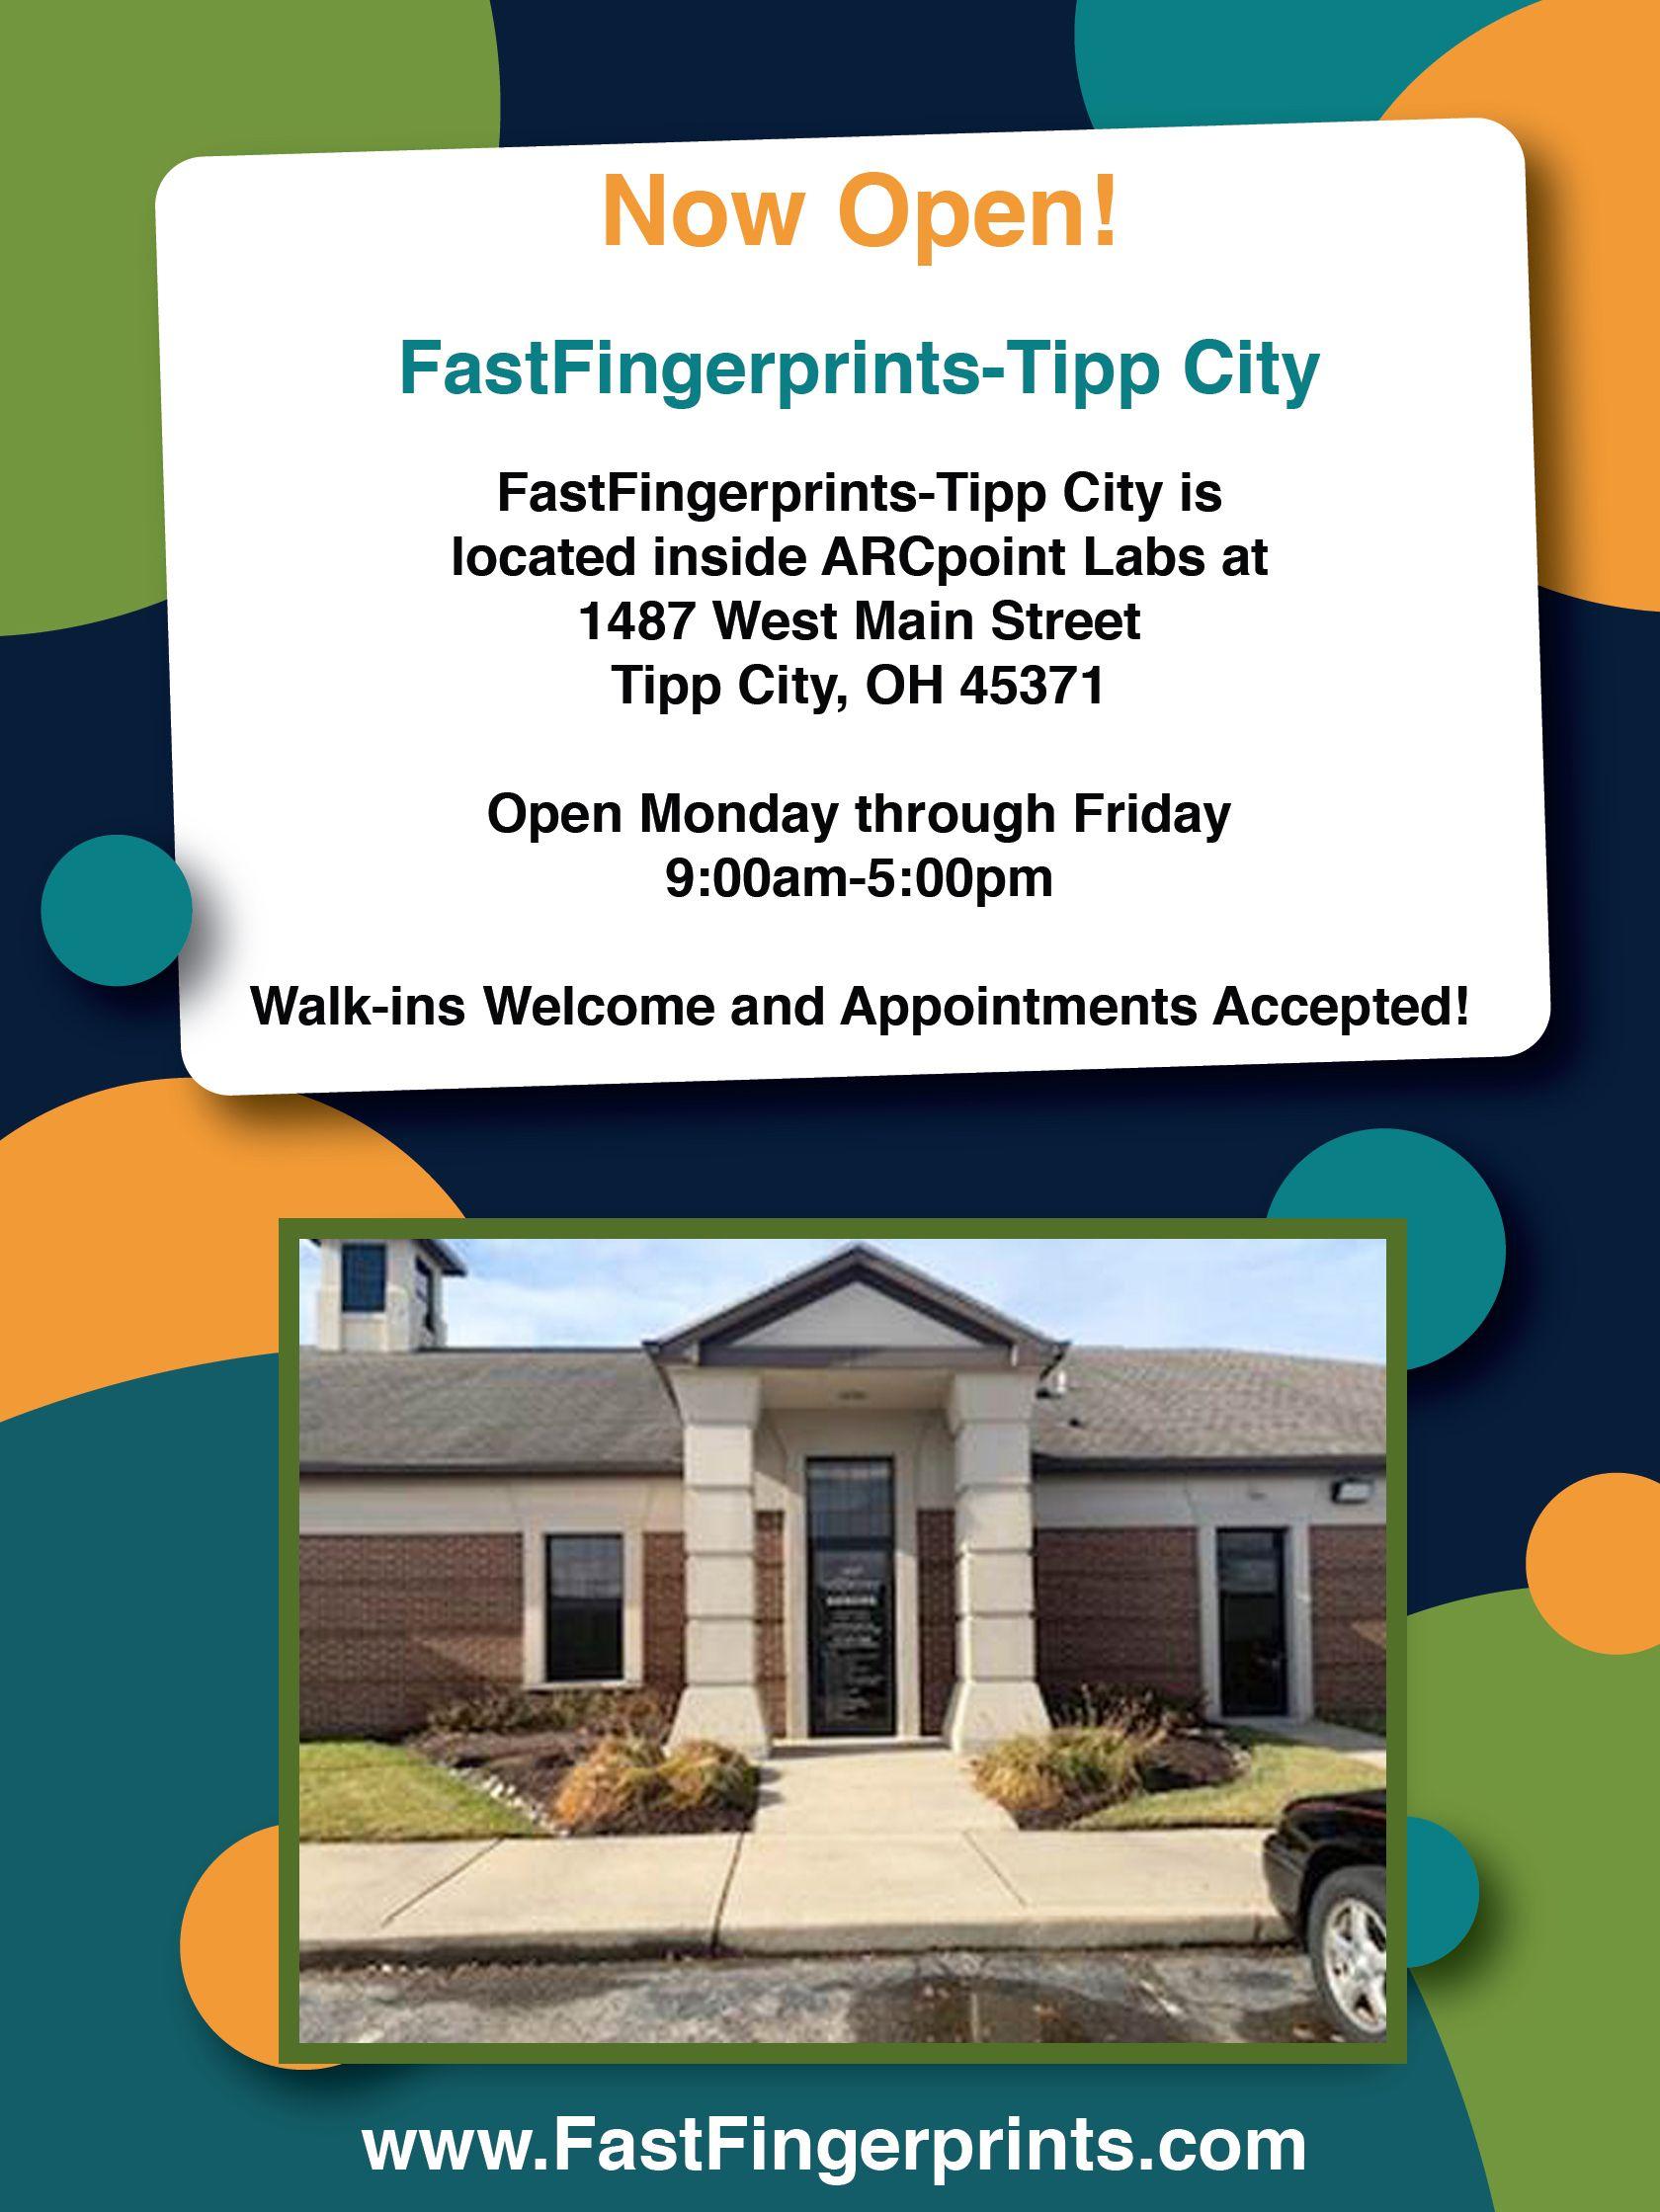 Now Open Fastfingerprints Tipp City Ohio Tipp City Ohio Locations